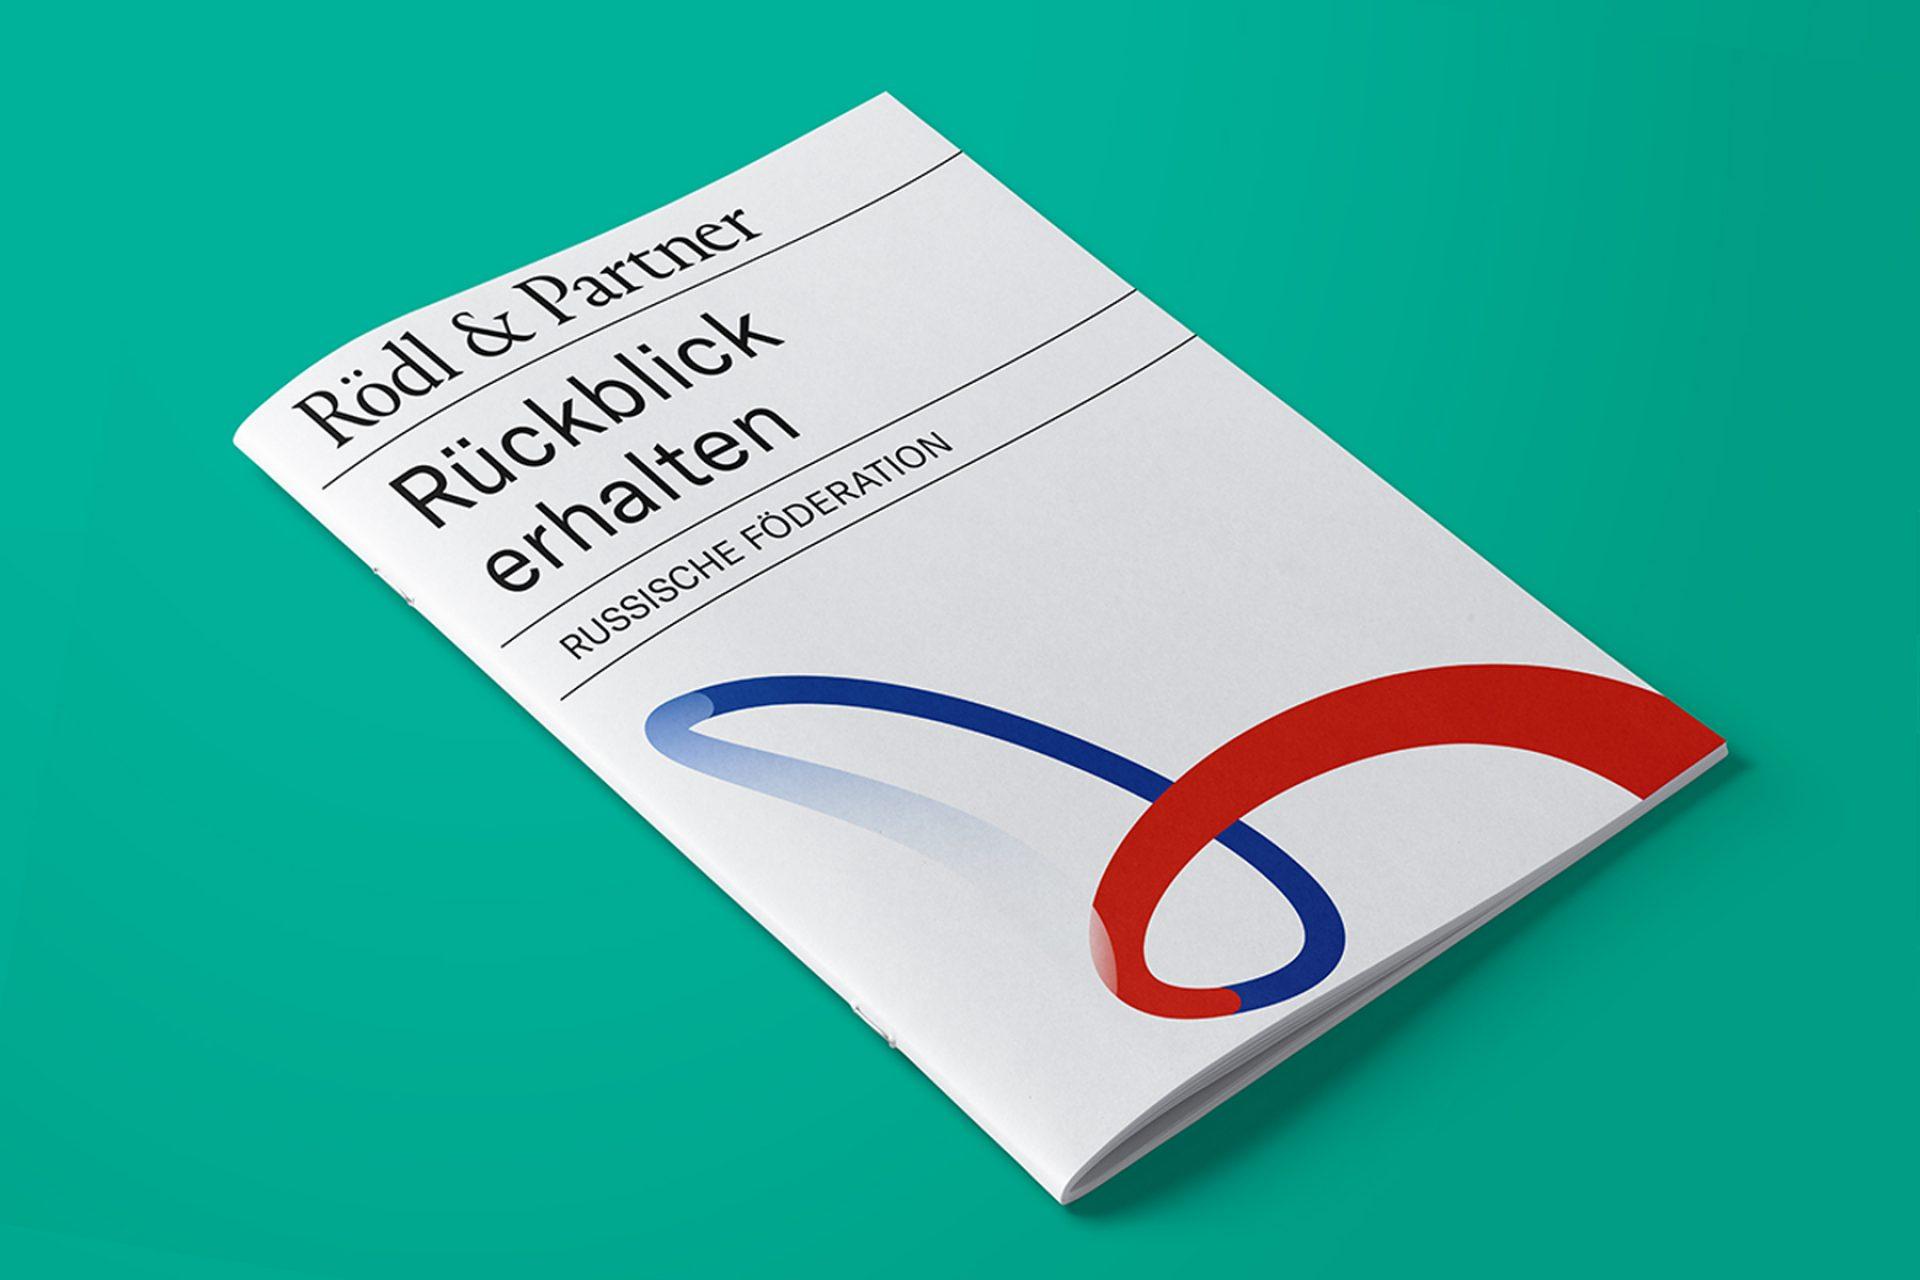 Roedl & Partner Broschuere